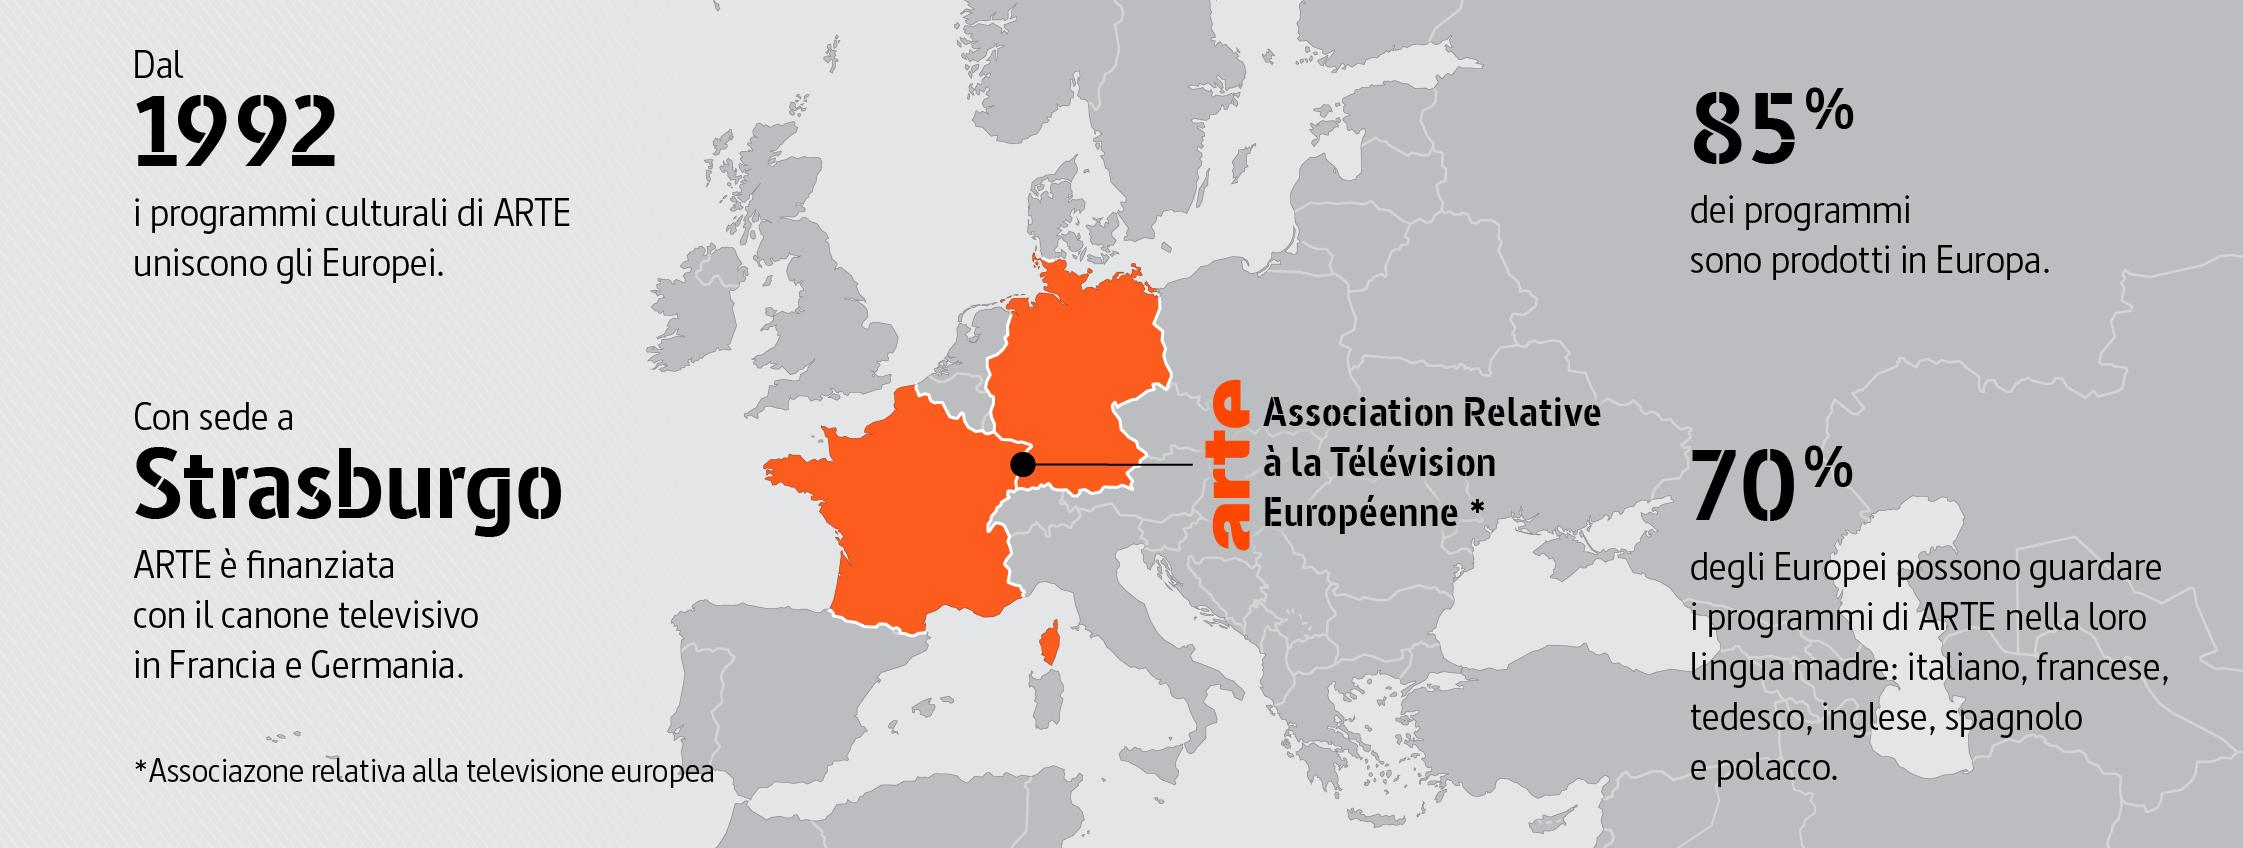 ARTE: Association relative à la télévision européenne (Associazone relativa alla televisione europea) Dal 1992 i programmi culturali di ARTE uniscono gli Europei. Con sede a Strasburgo, ARTE è finanziata con il canone televisivo in Francia e Germania. L'85 % dei programmi sono prodotti in Europa. Il 70 % degli Europei possono guardare i programmi di ARTE nella loro lingua madre: francese, tedesco, inglese, spagnolo, polacco e italiano.